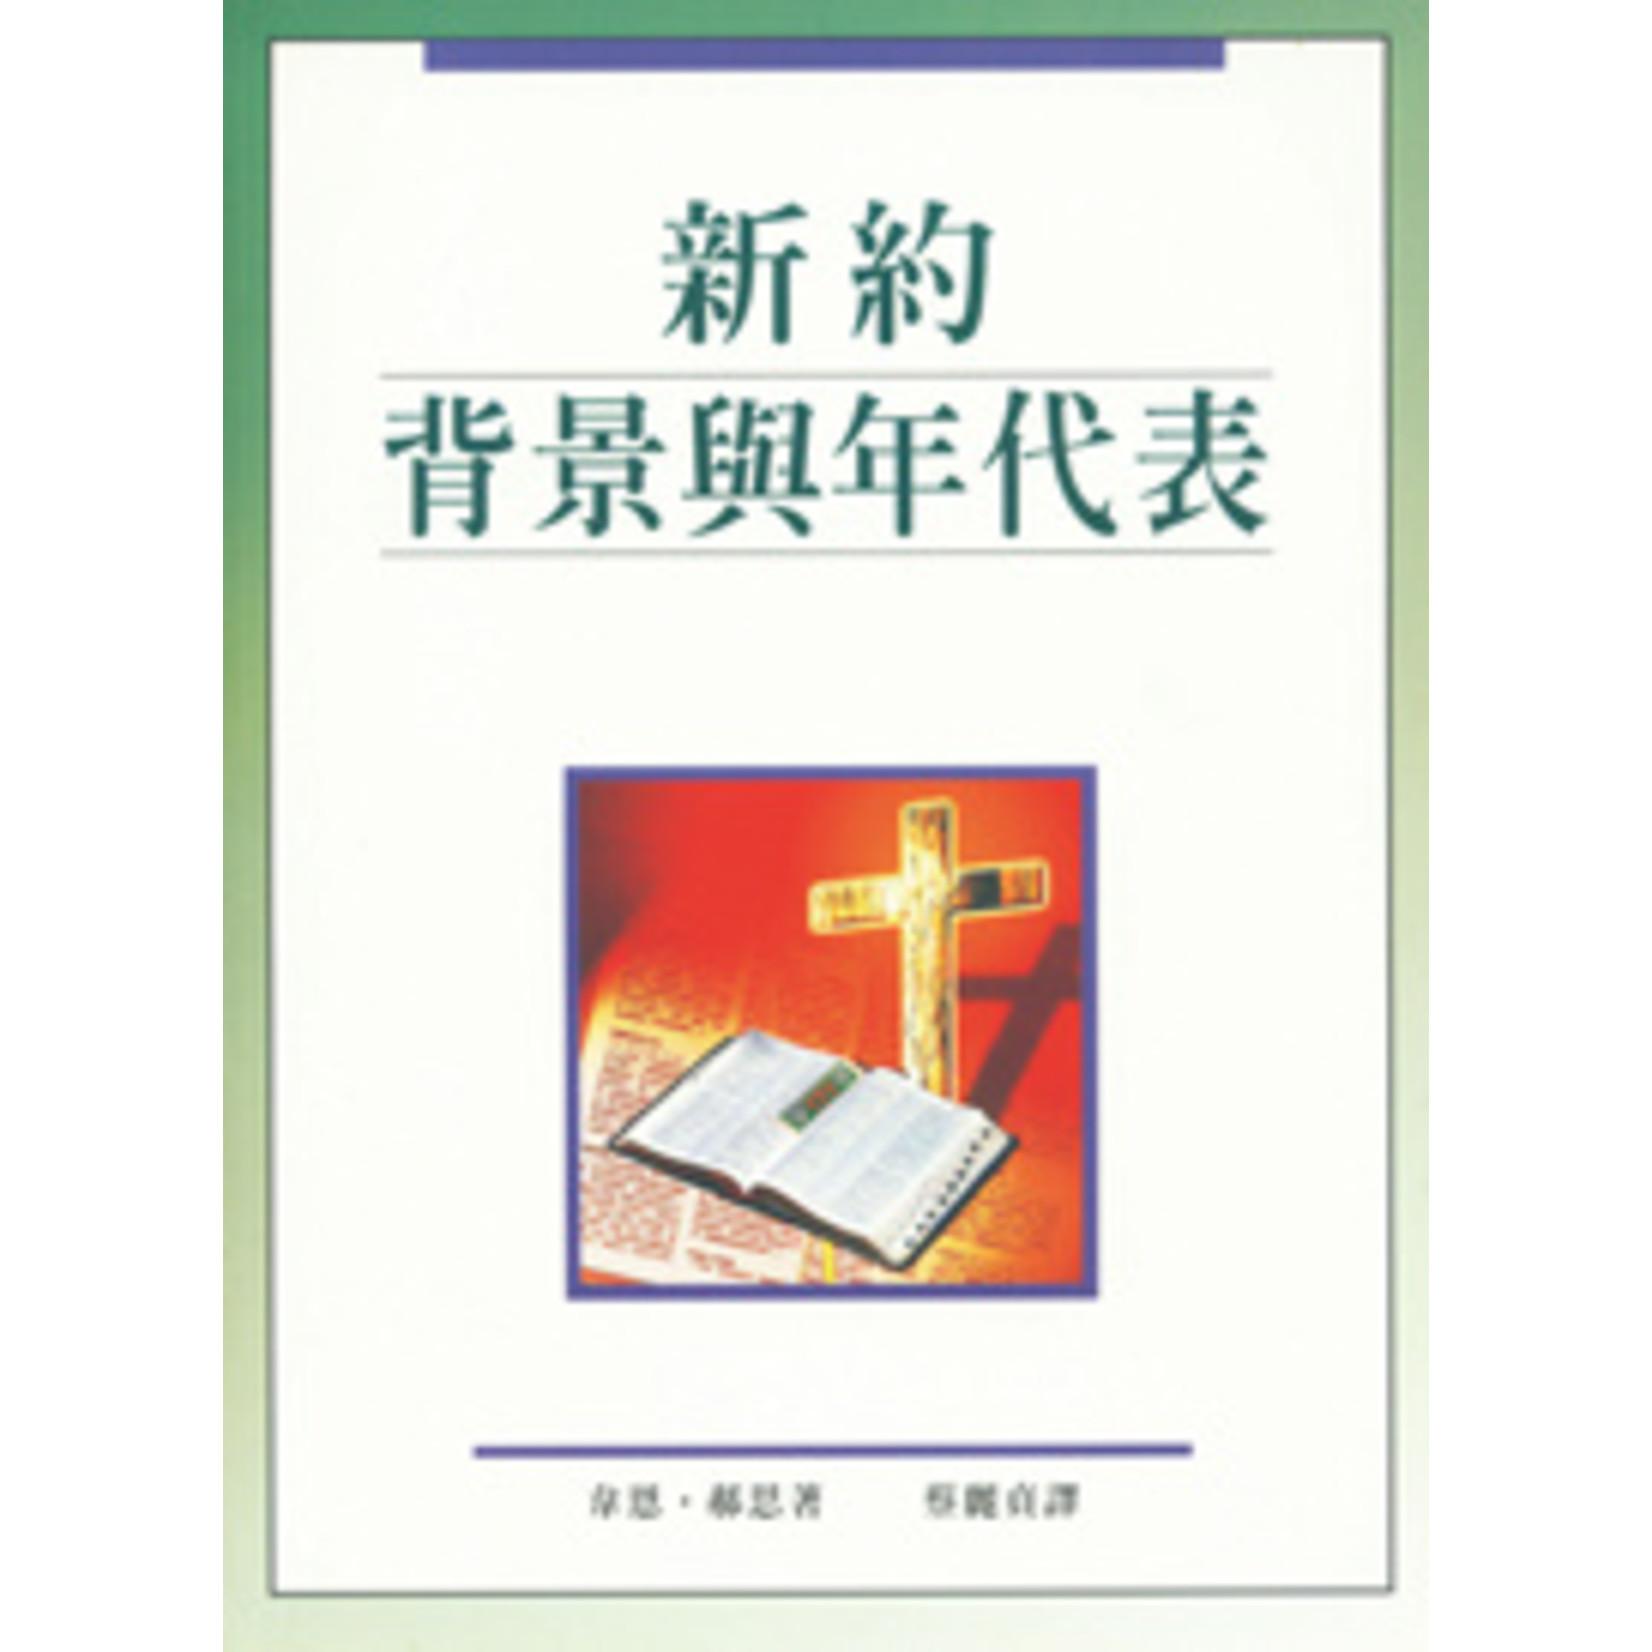 中華福音神學院 China Evangelical Seminary 新約背景與年代表 Chronological and Background Charts of the New Testament